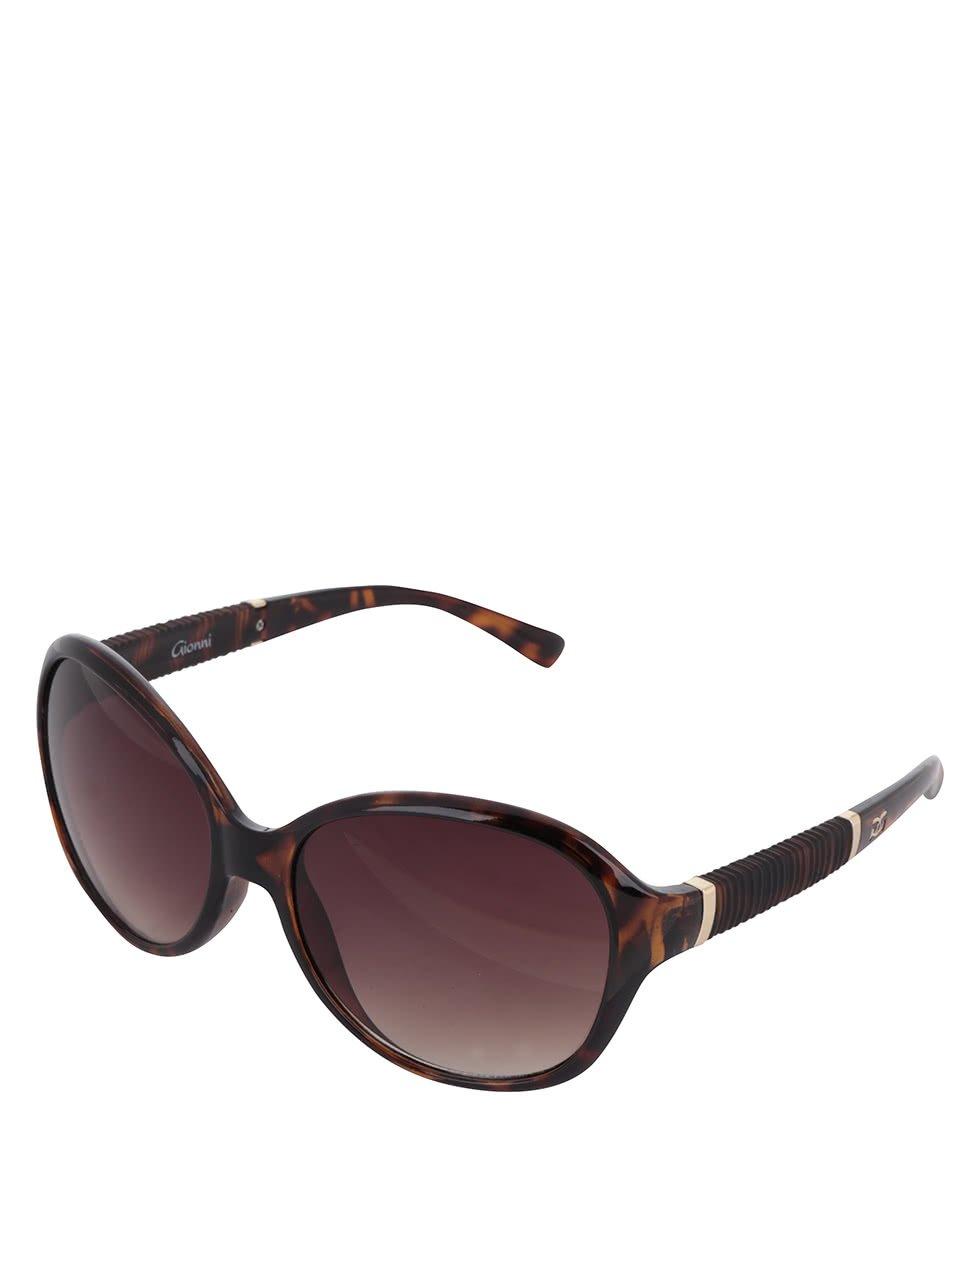 Hnědé vzorované dámské sluneční brýle Gionni